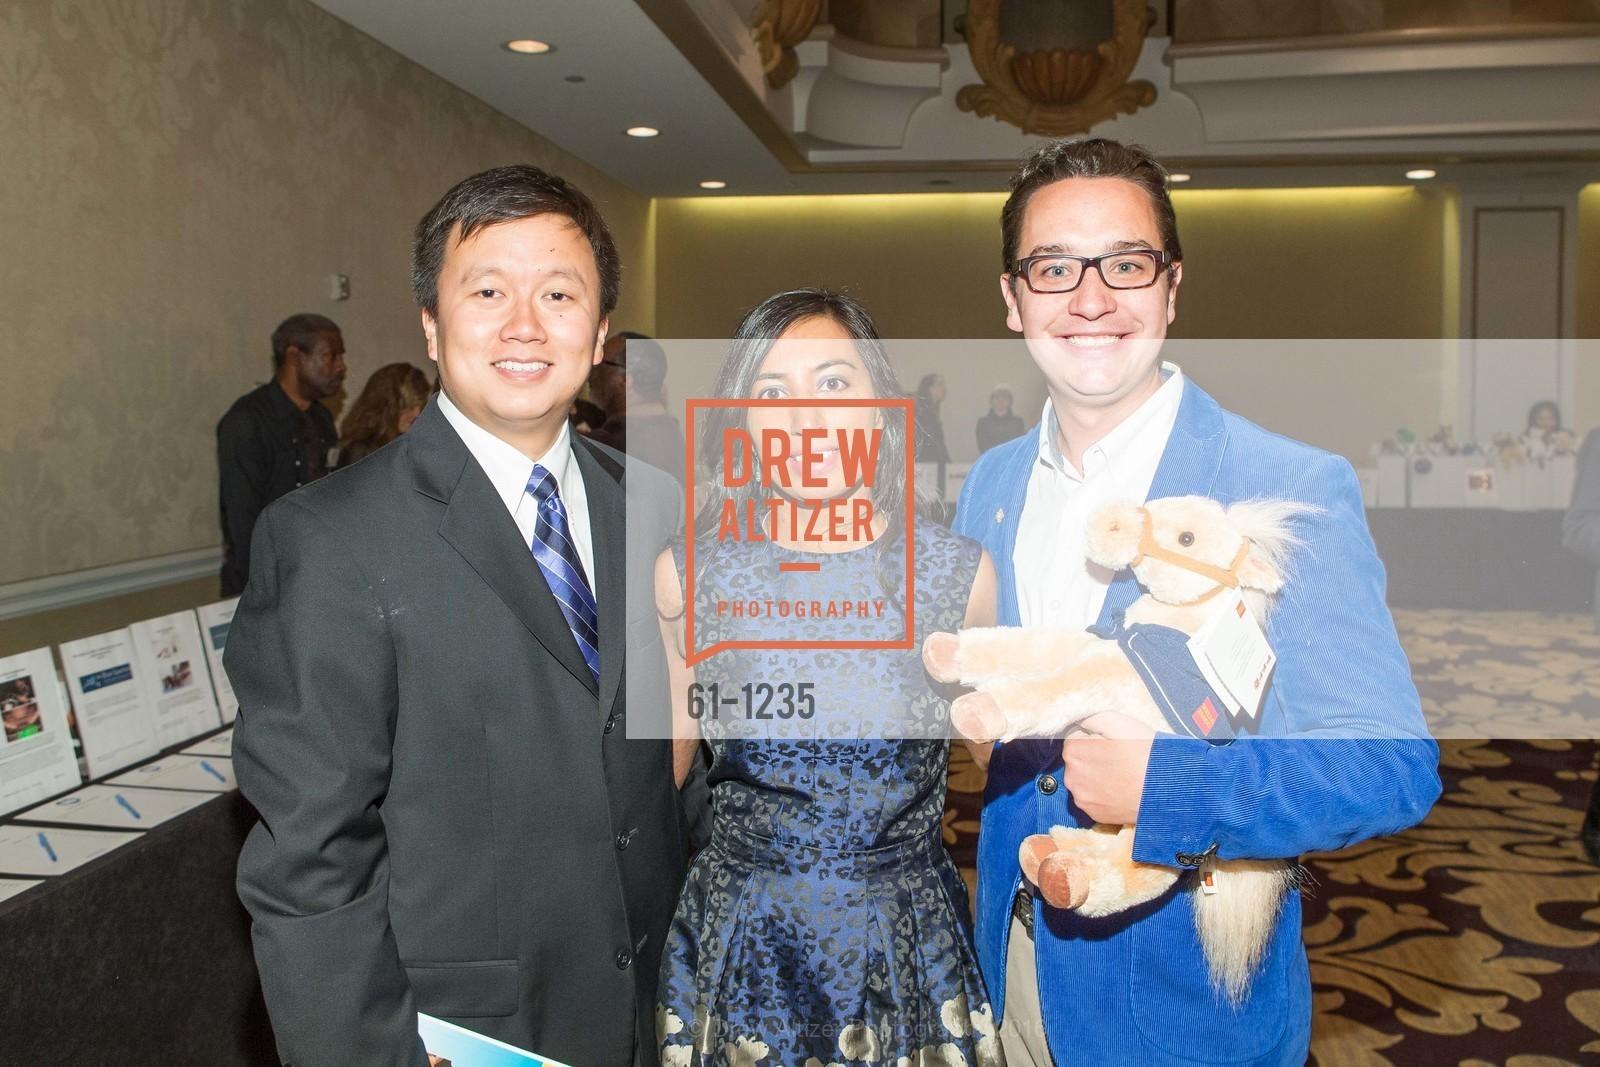 Alan Chang, Nisha Trivedi, Christopher Wiseman, Photo #61-1235